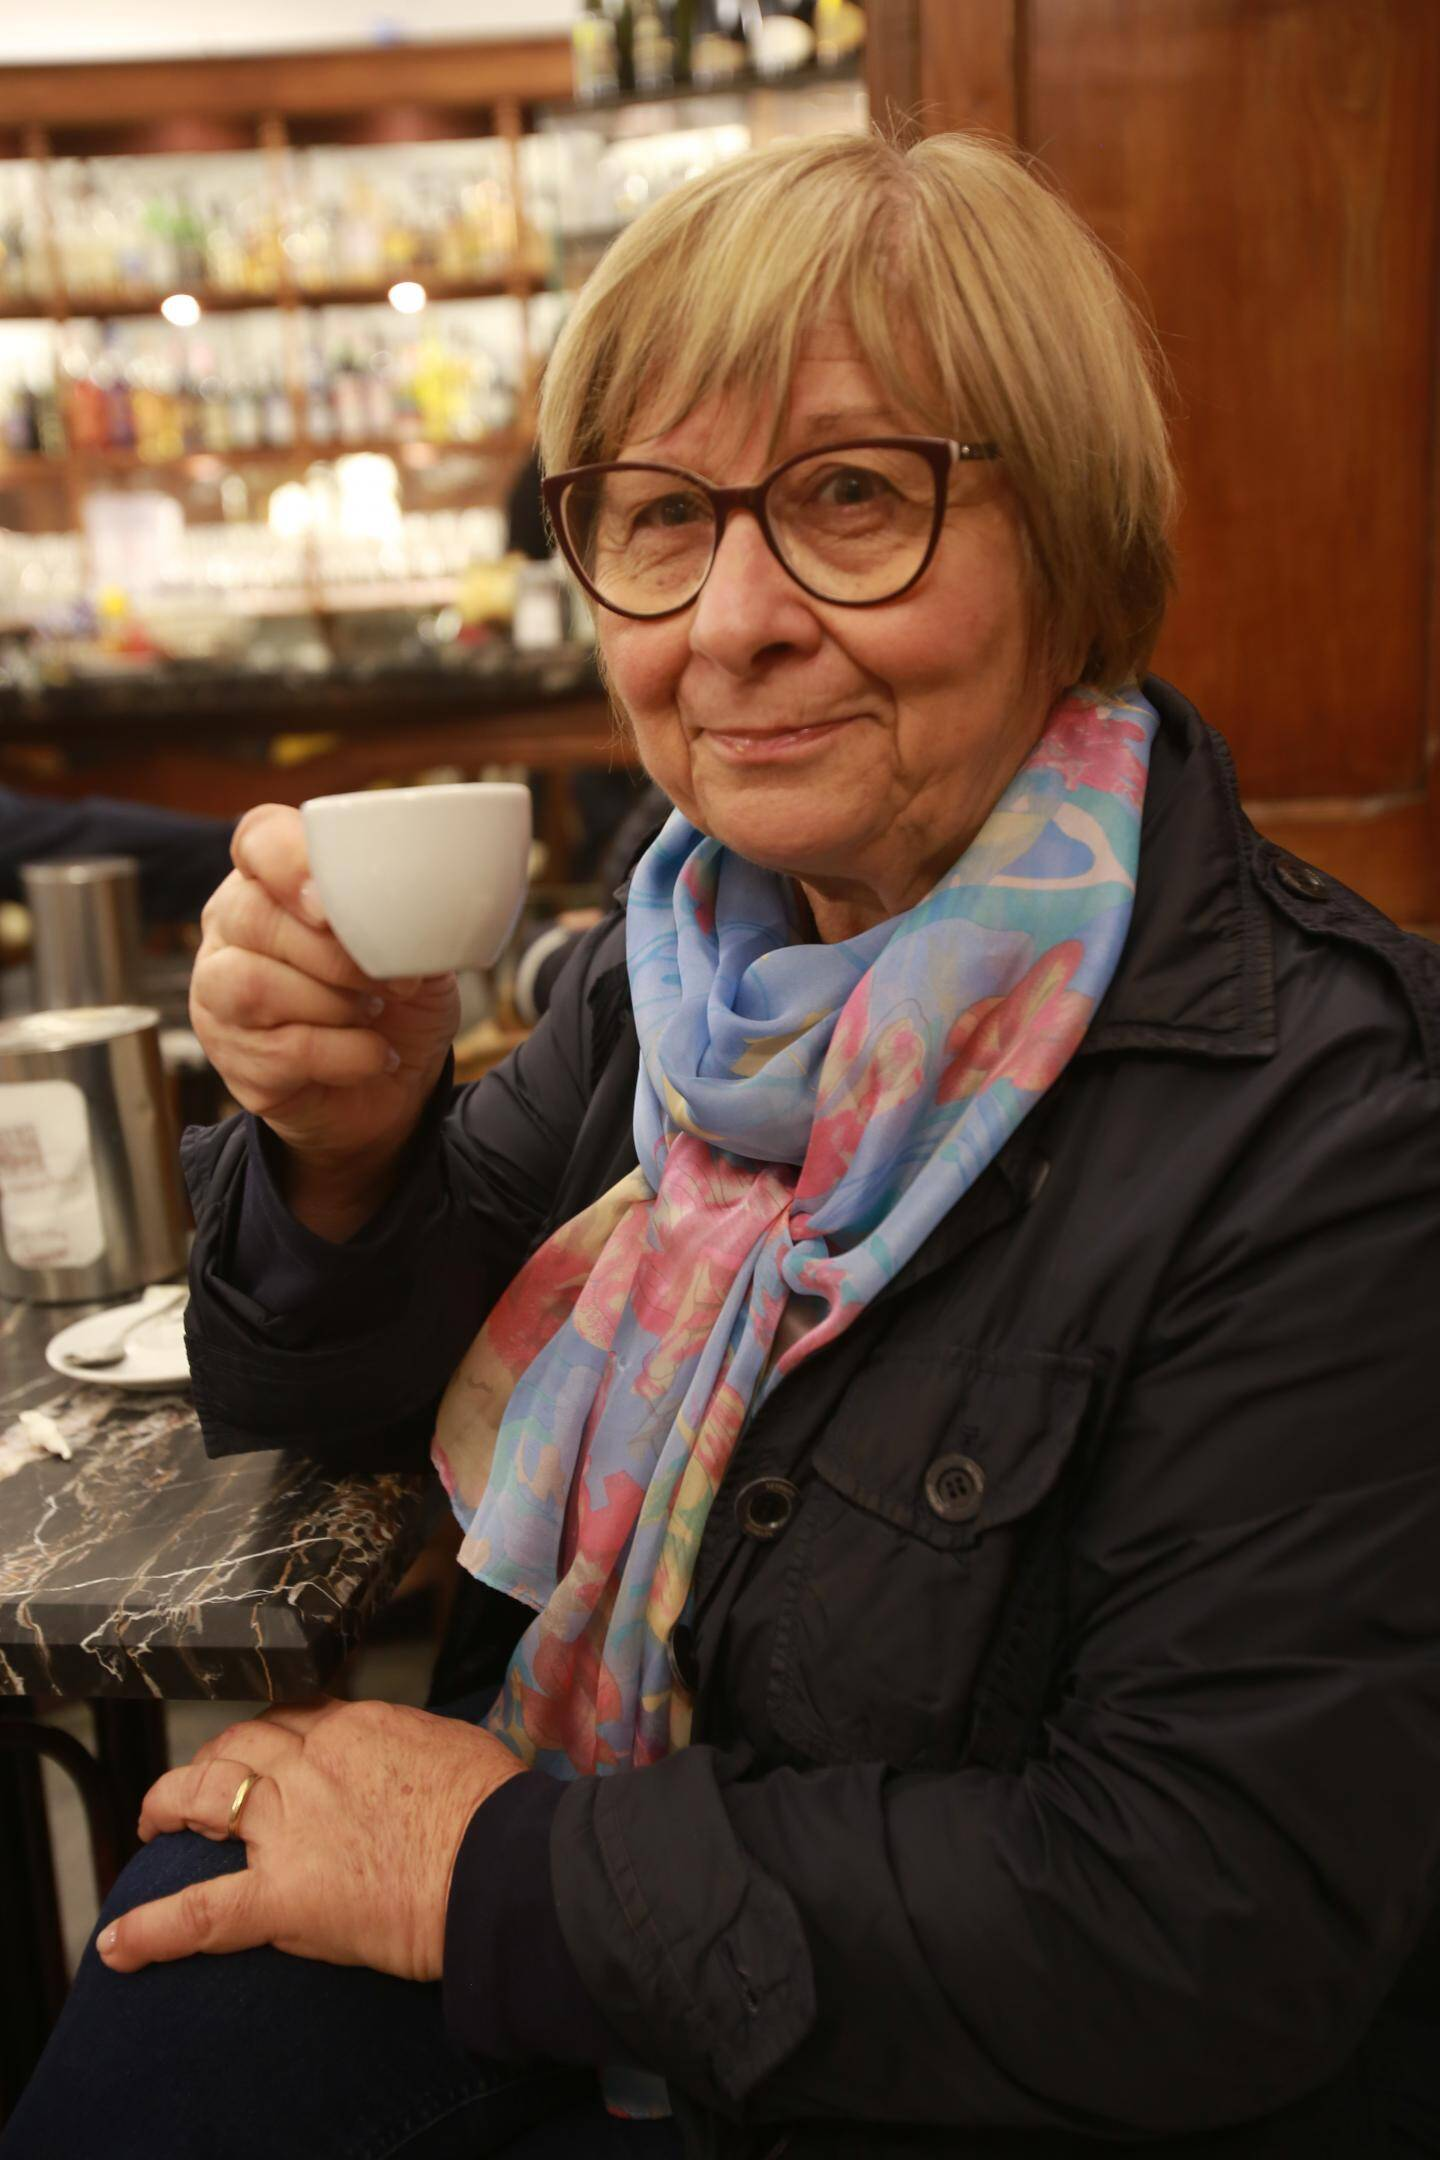 """Marcia, retraitée: """"la ville s'est embellie, elle a su profiter de l'engouement de la slow food qui attire de nombreux touristes."""""""